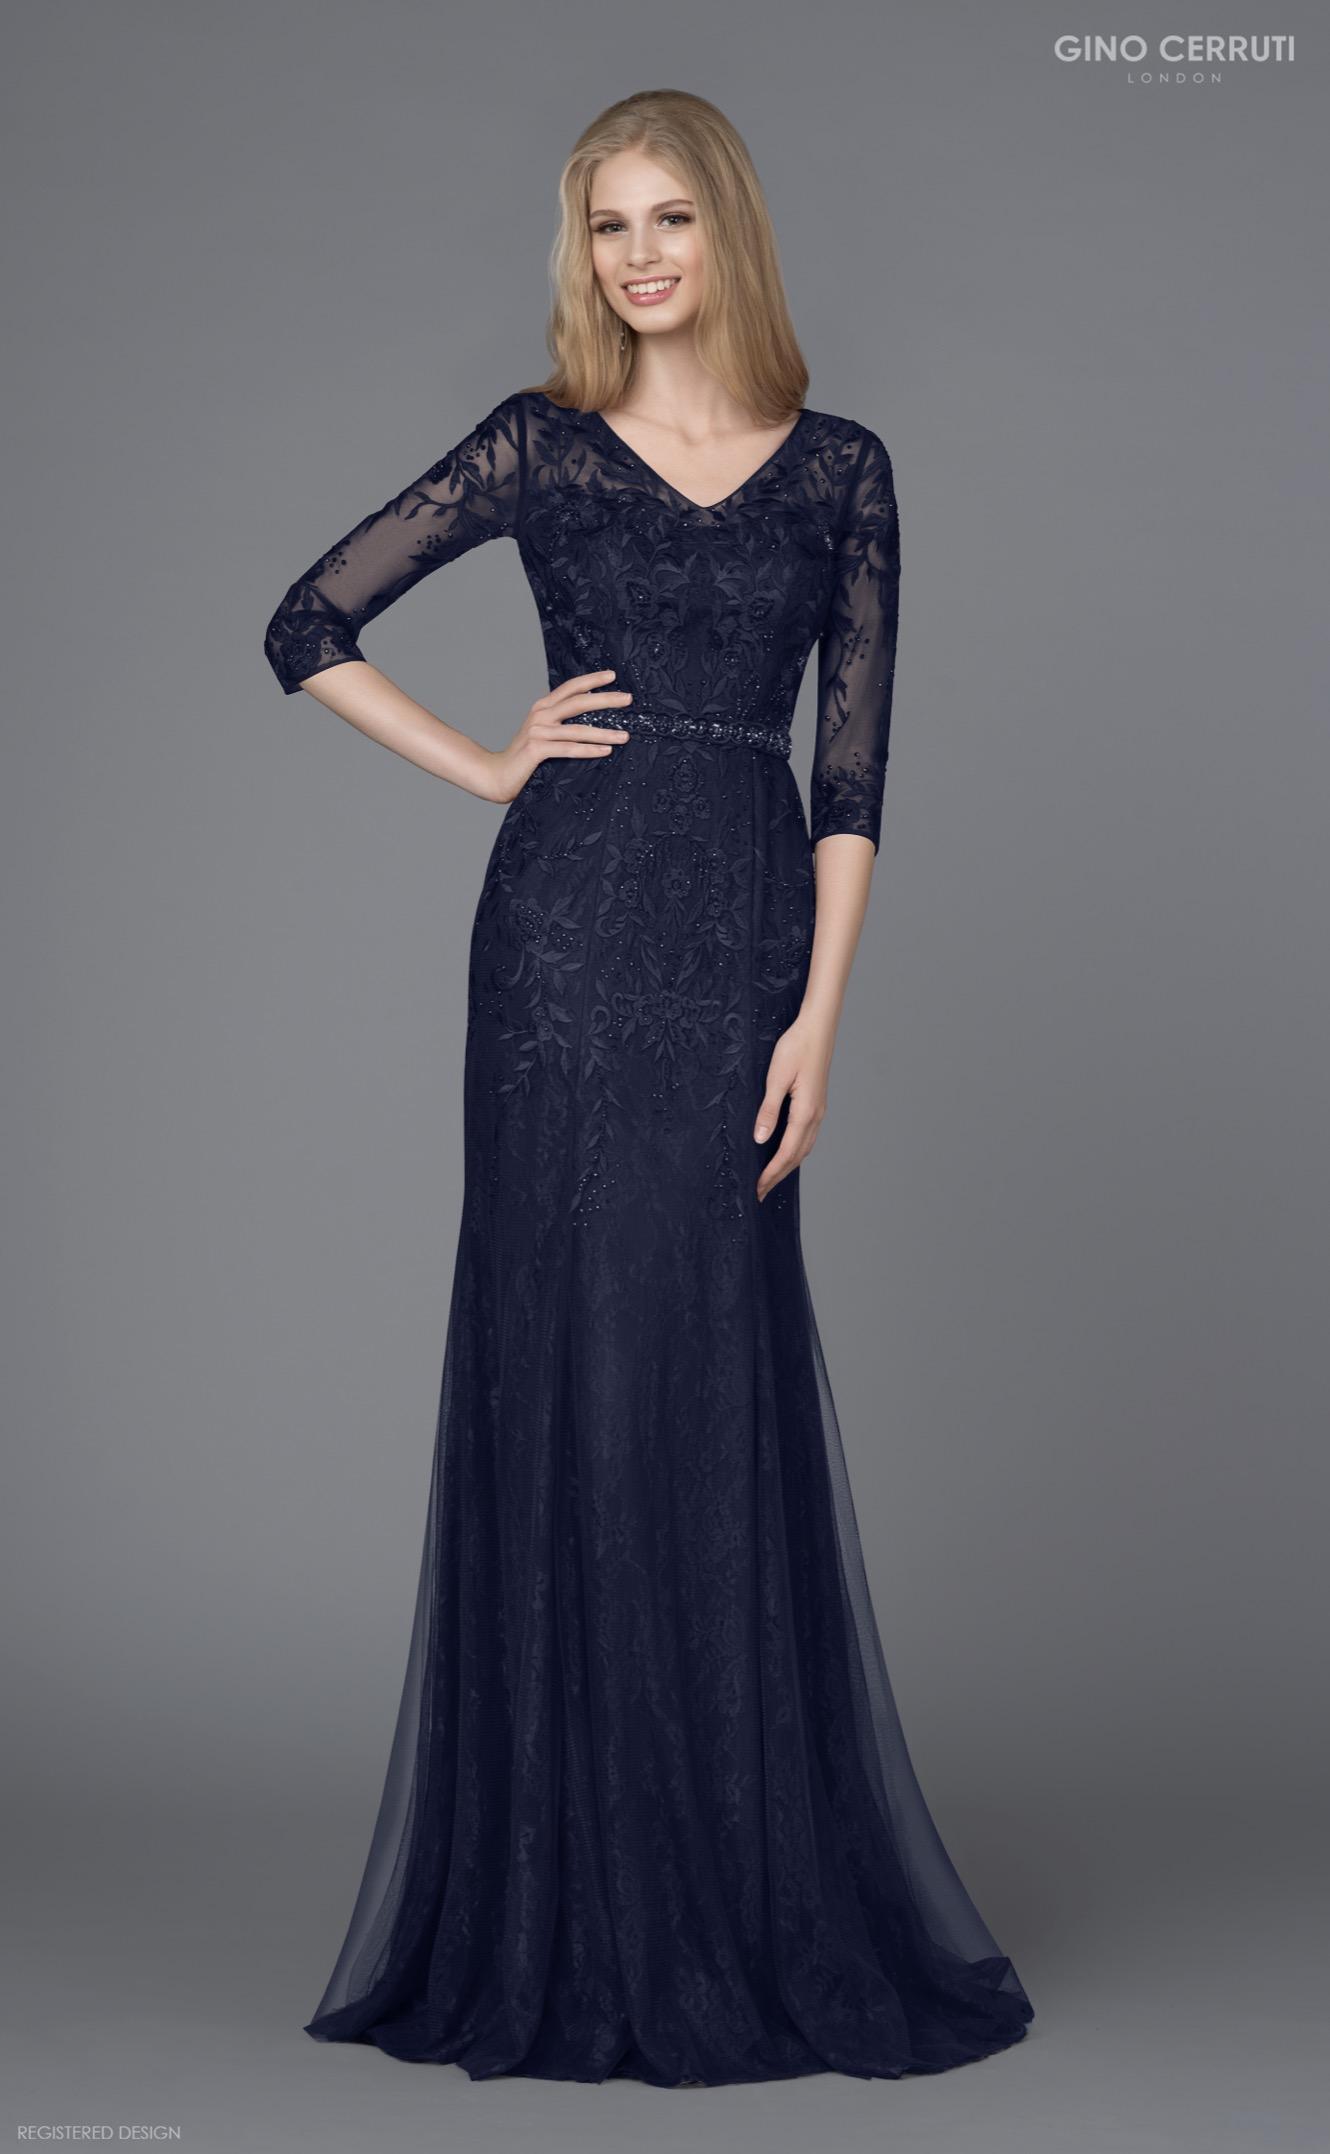 Abendkleid blau mit Ärmeln | Samyra Fashion